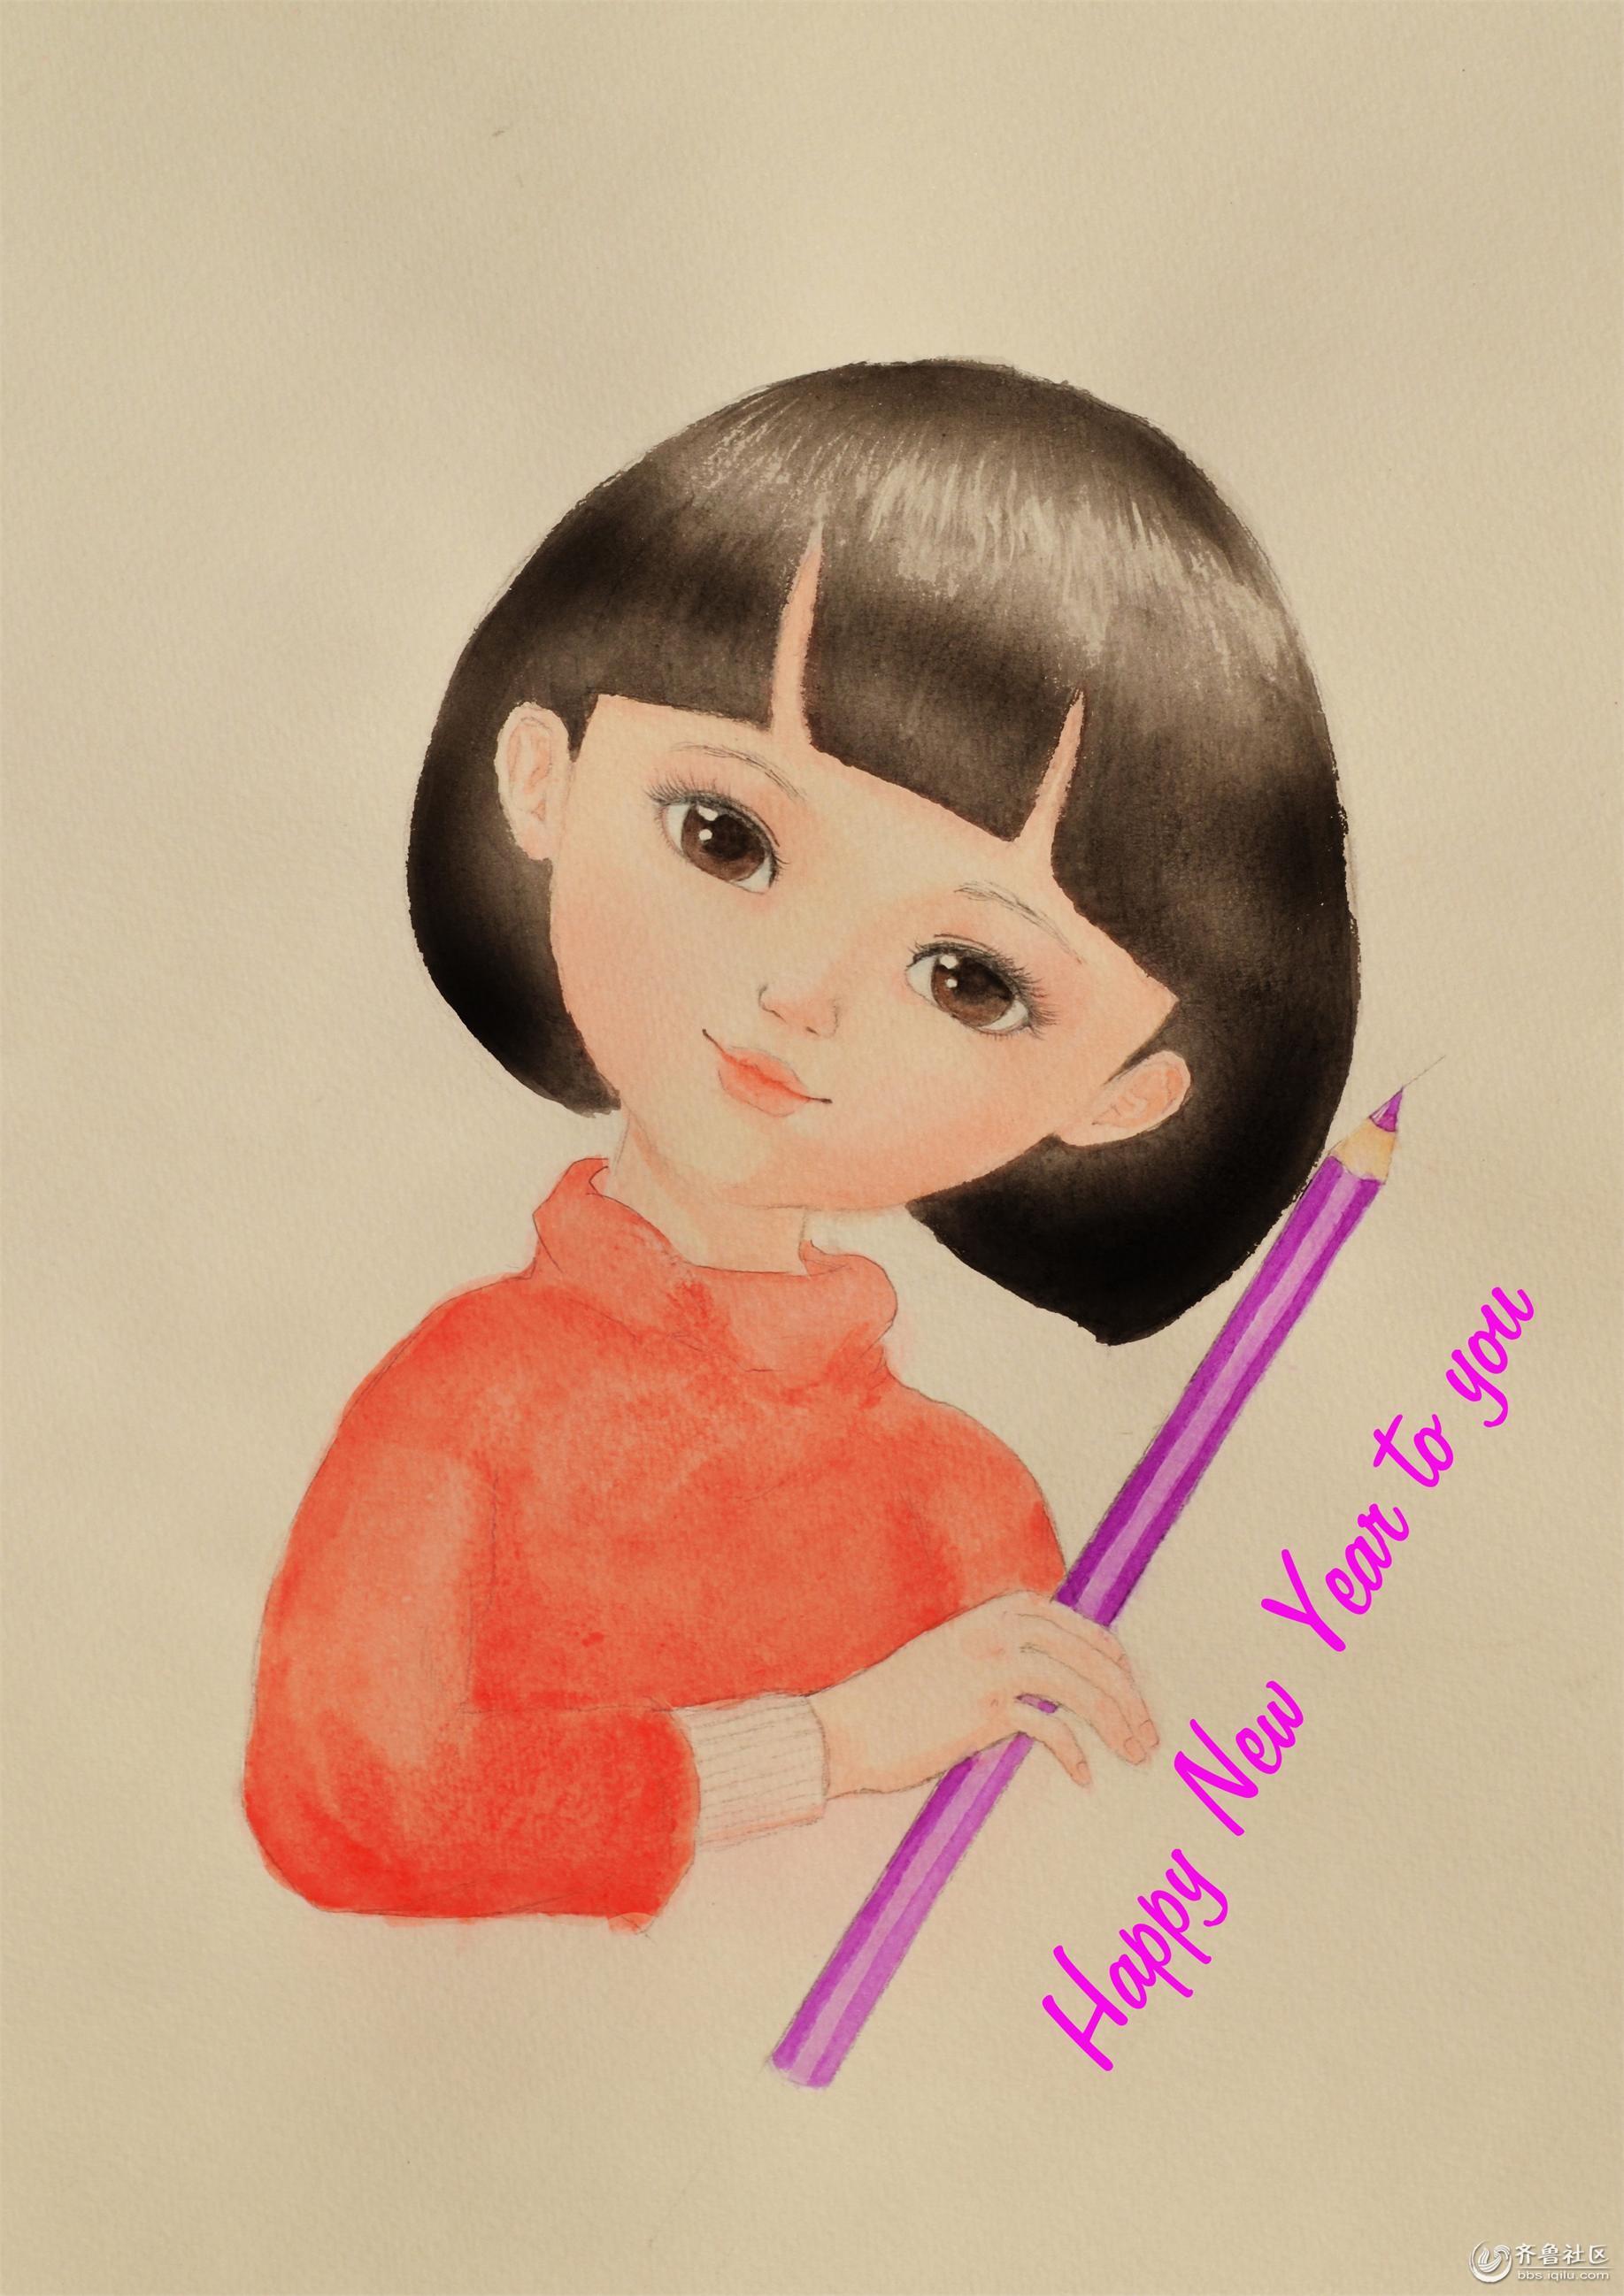 Happy New Year!(Xiaorui Wang).jpg